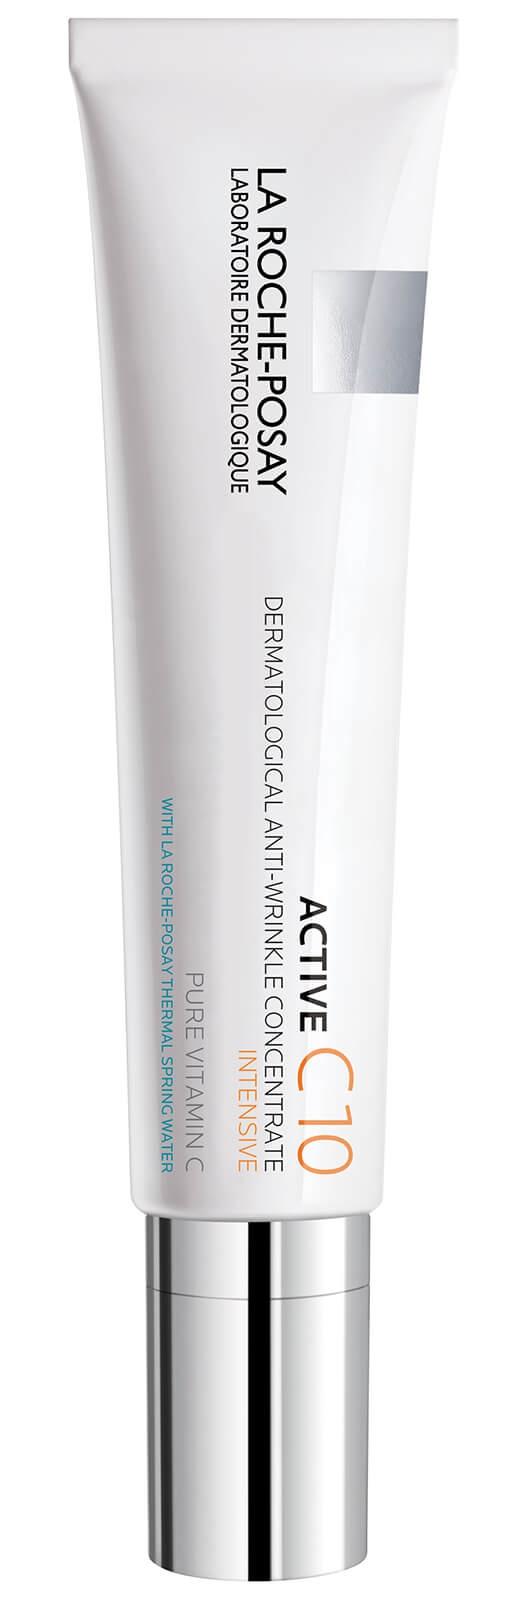 La Roche-Posay Active C10